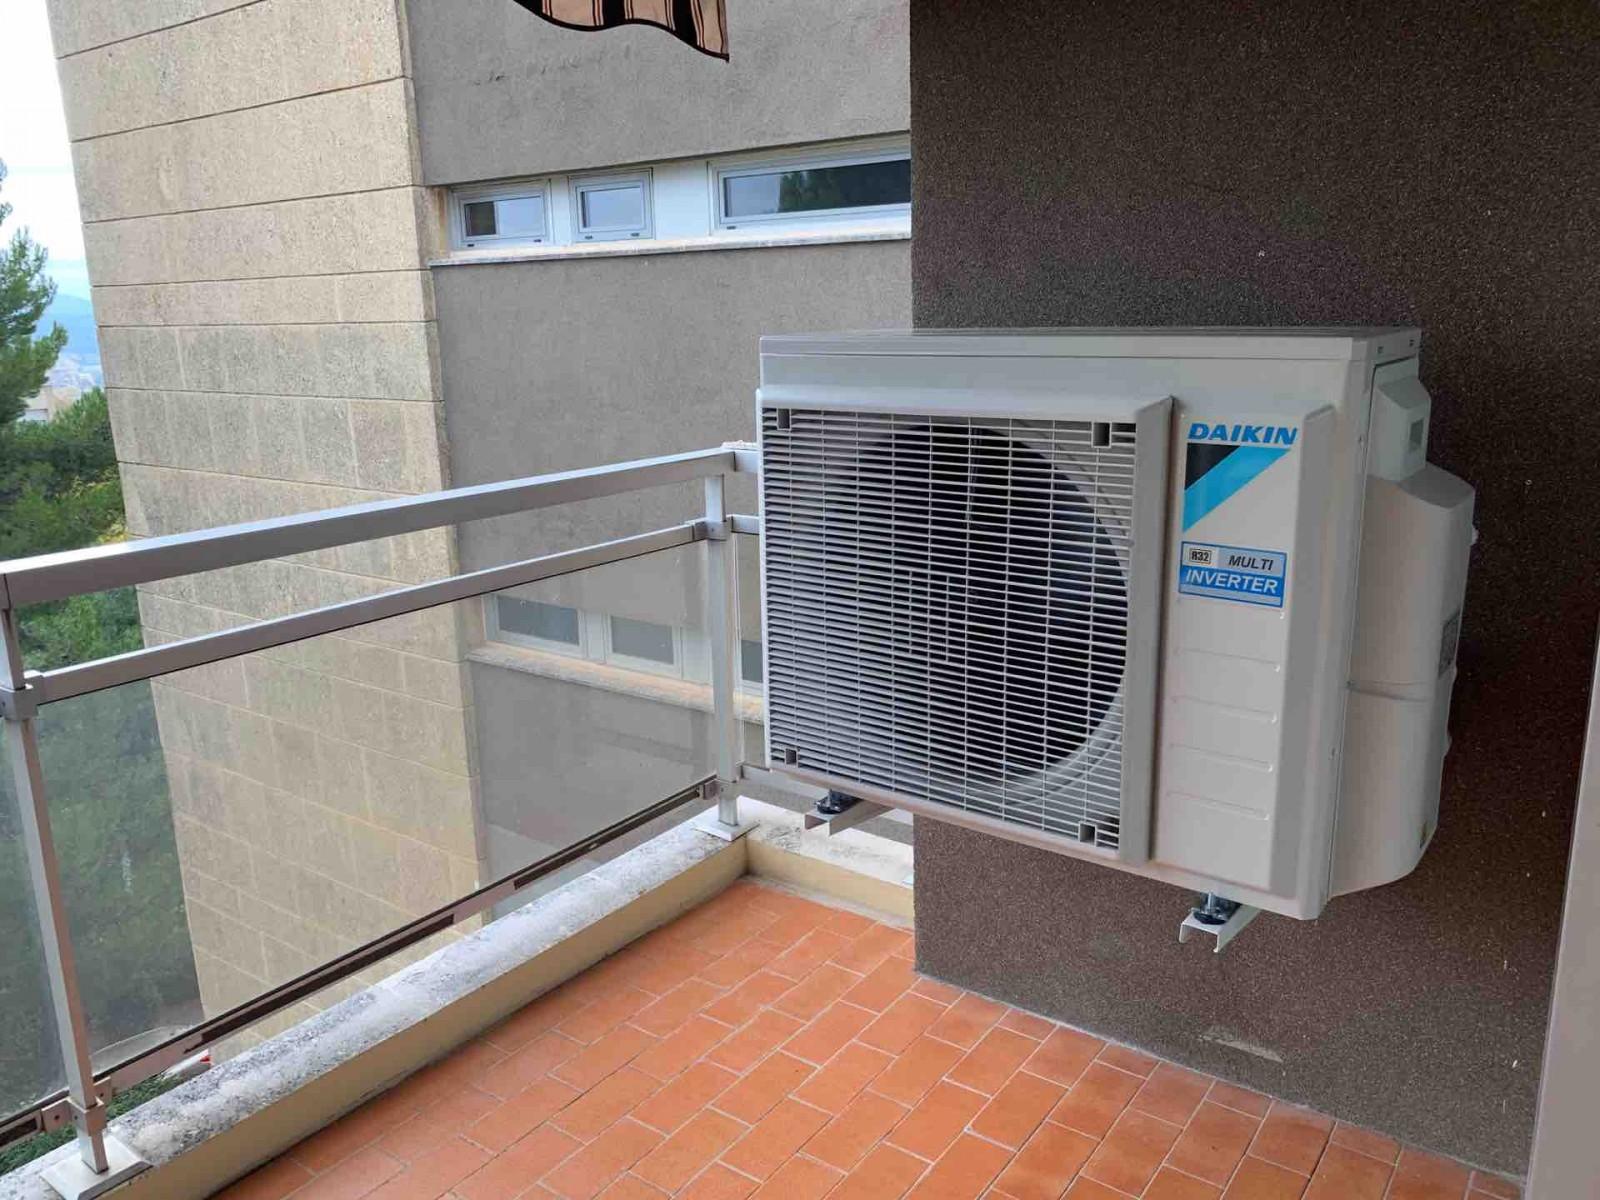 climatiseur r versible daikin aix en provence installation de climatisation pompe chaleur